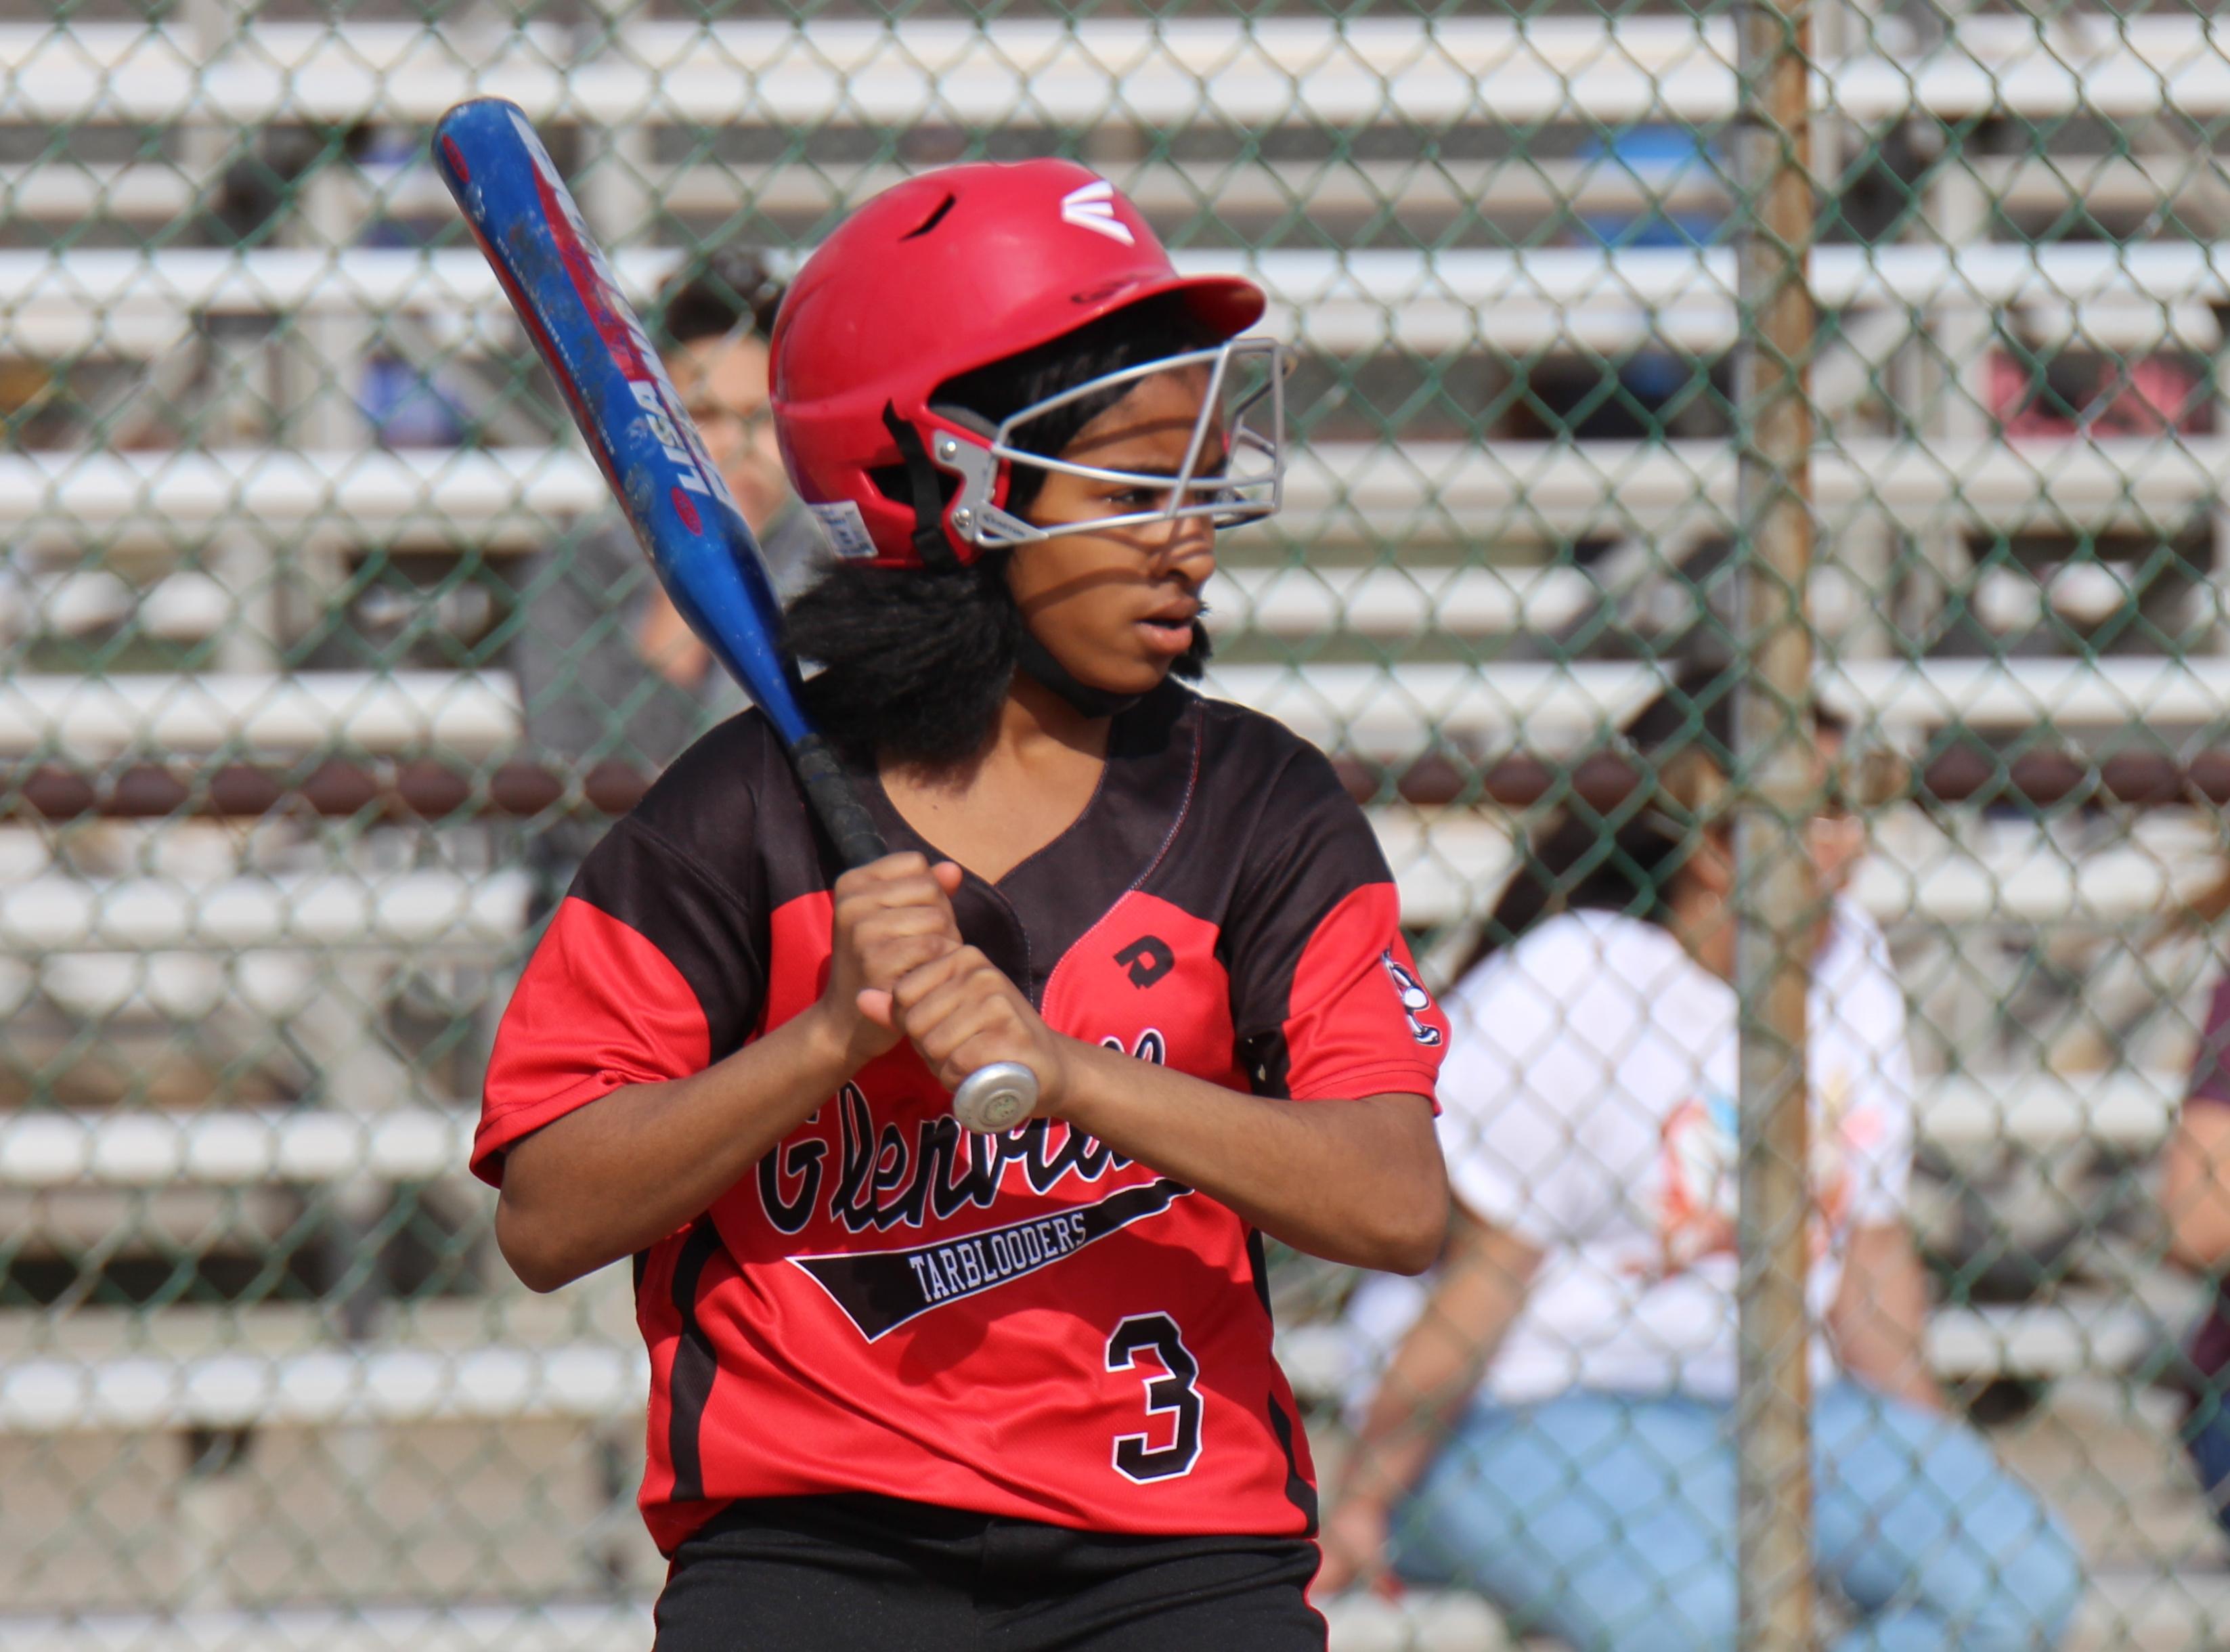 Glenville Softball Team Begins Season